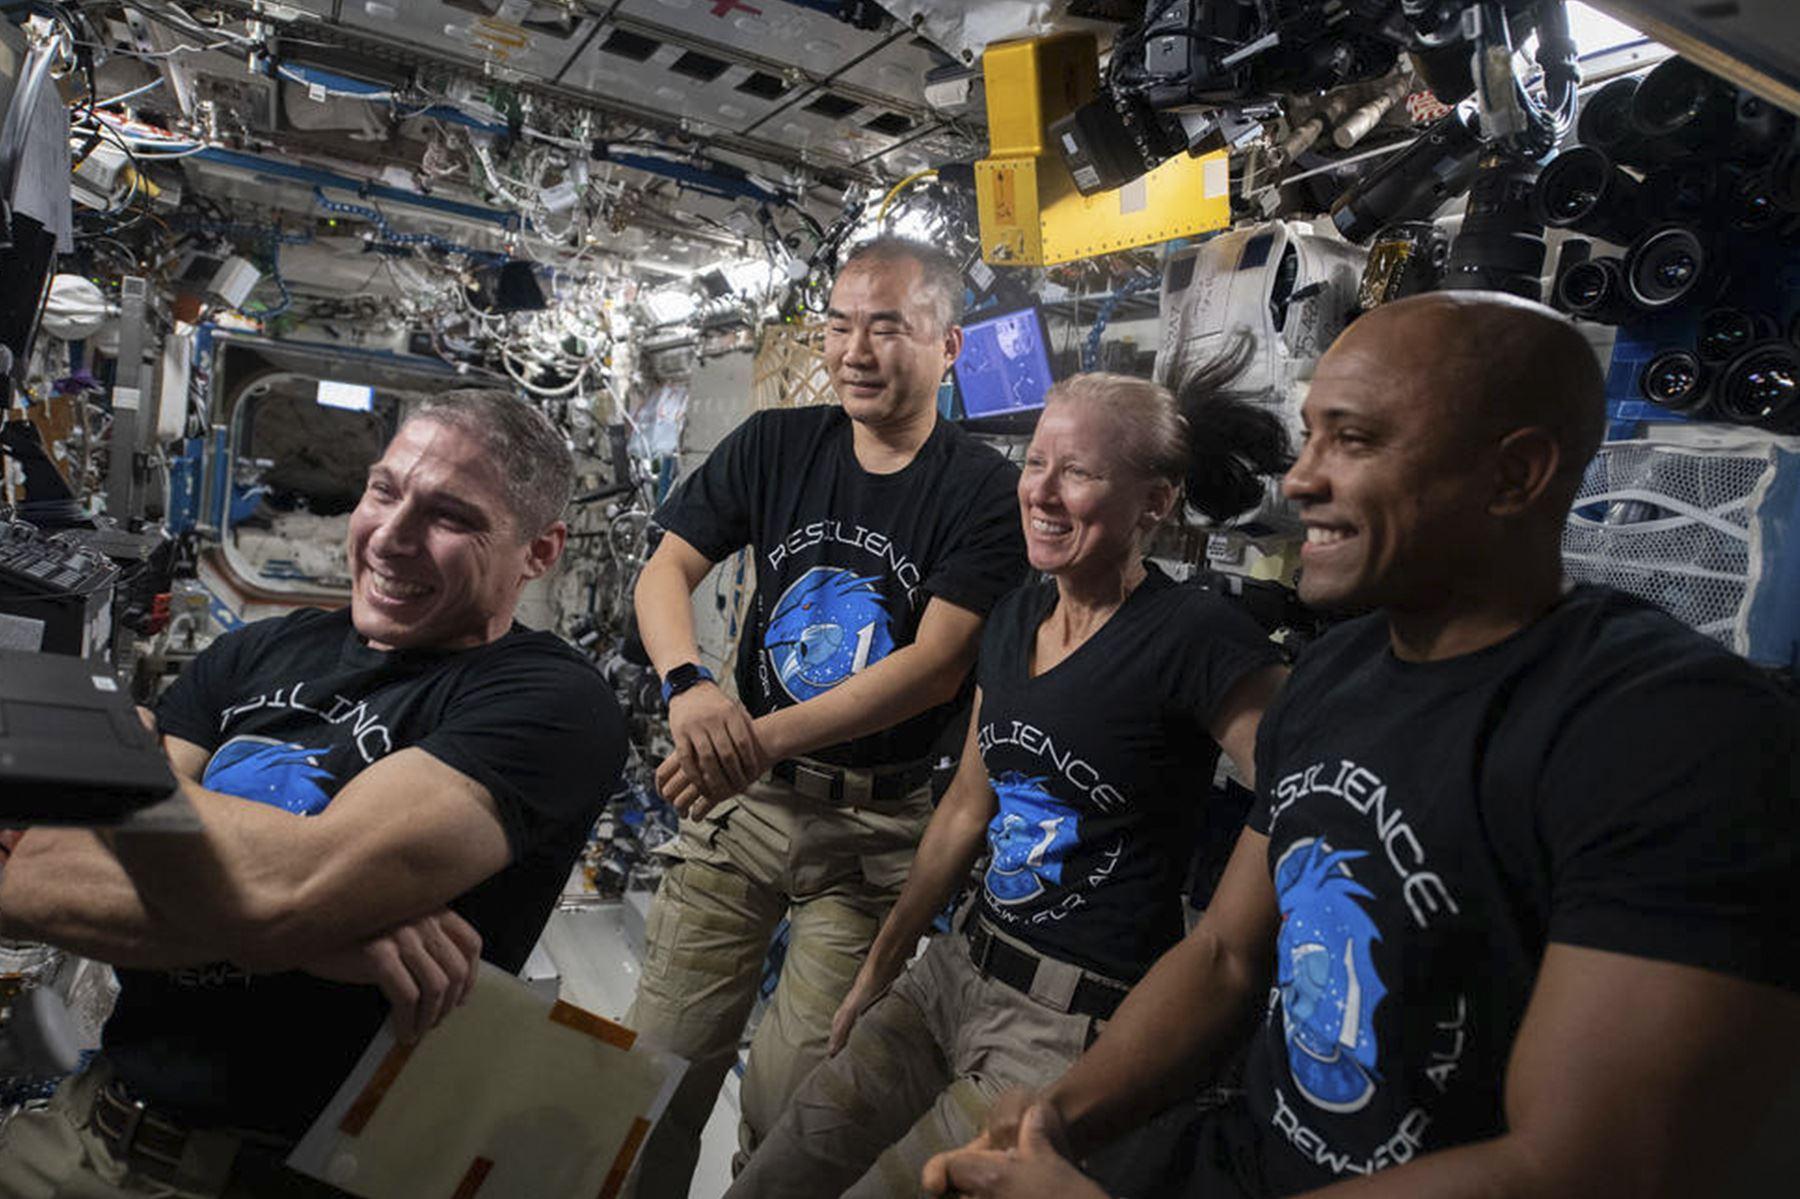 Es el primer vuelo de un sistema de nave espacial humana comercial certificado por la NASA en la historia. (Foto: NASA)